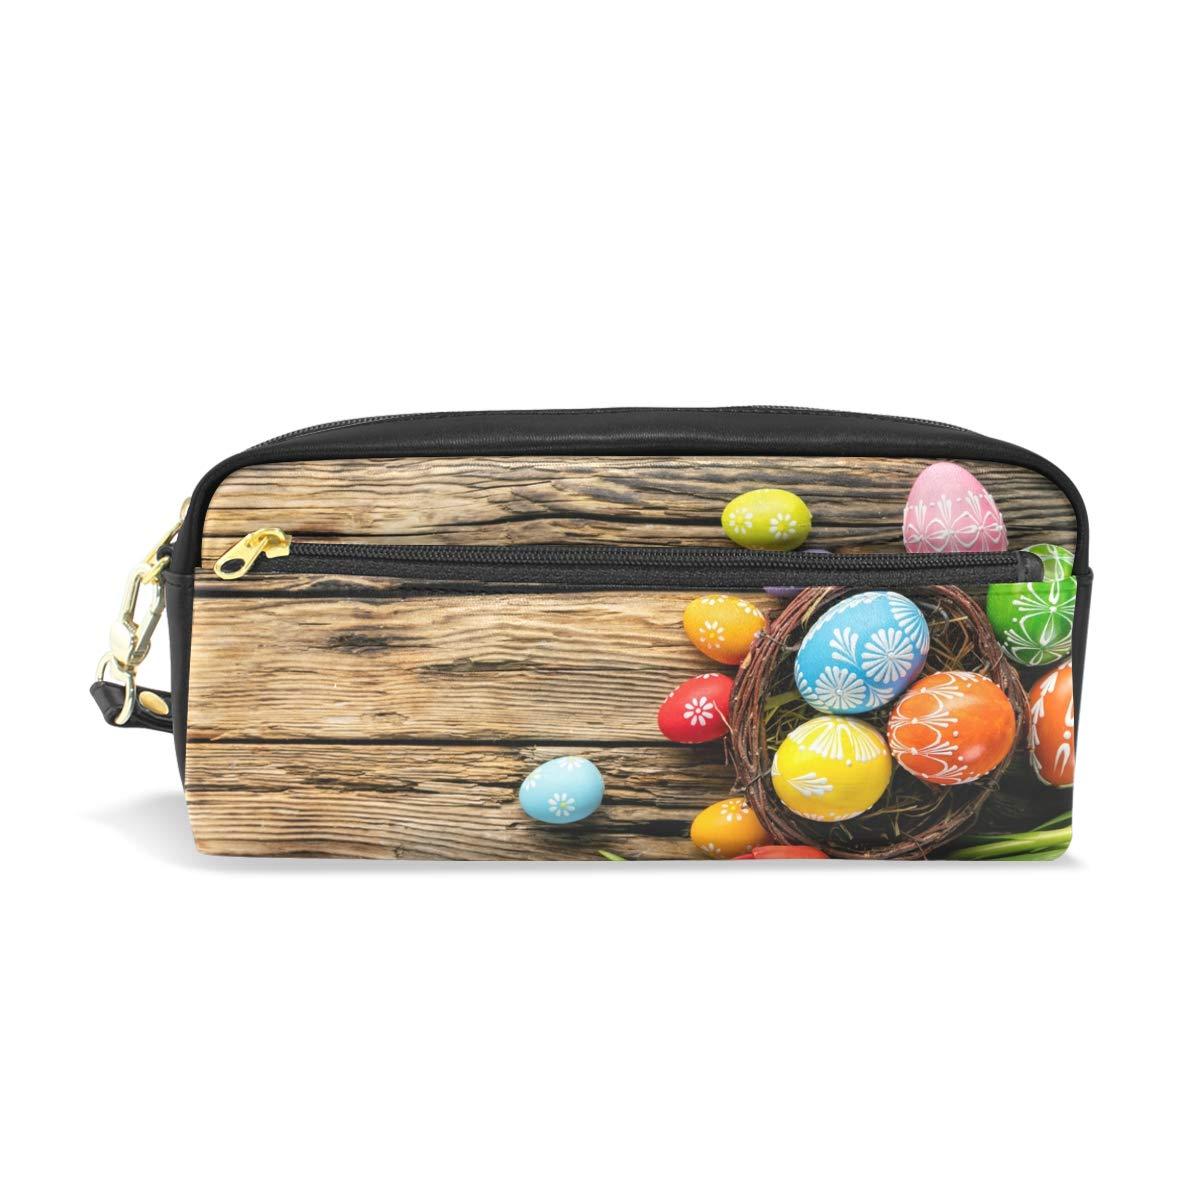 Estuche escolar de madera con diseño de huevos de Pascua para lápices y cosméticos, bolsa de viaje de gran capacidad: Amazon.es: Oficina y papelería